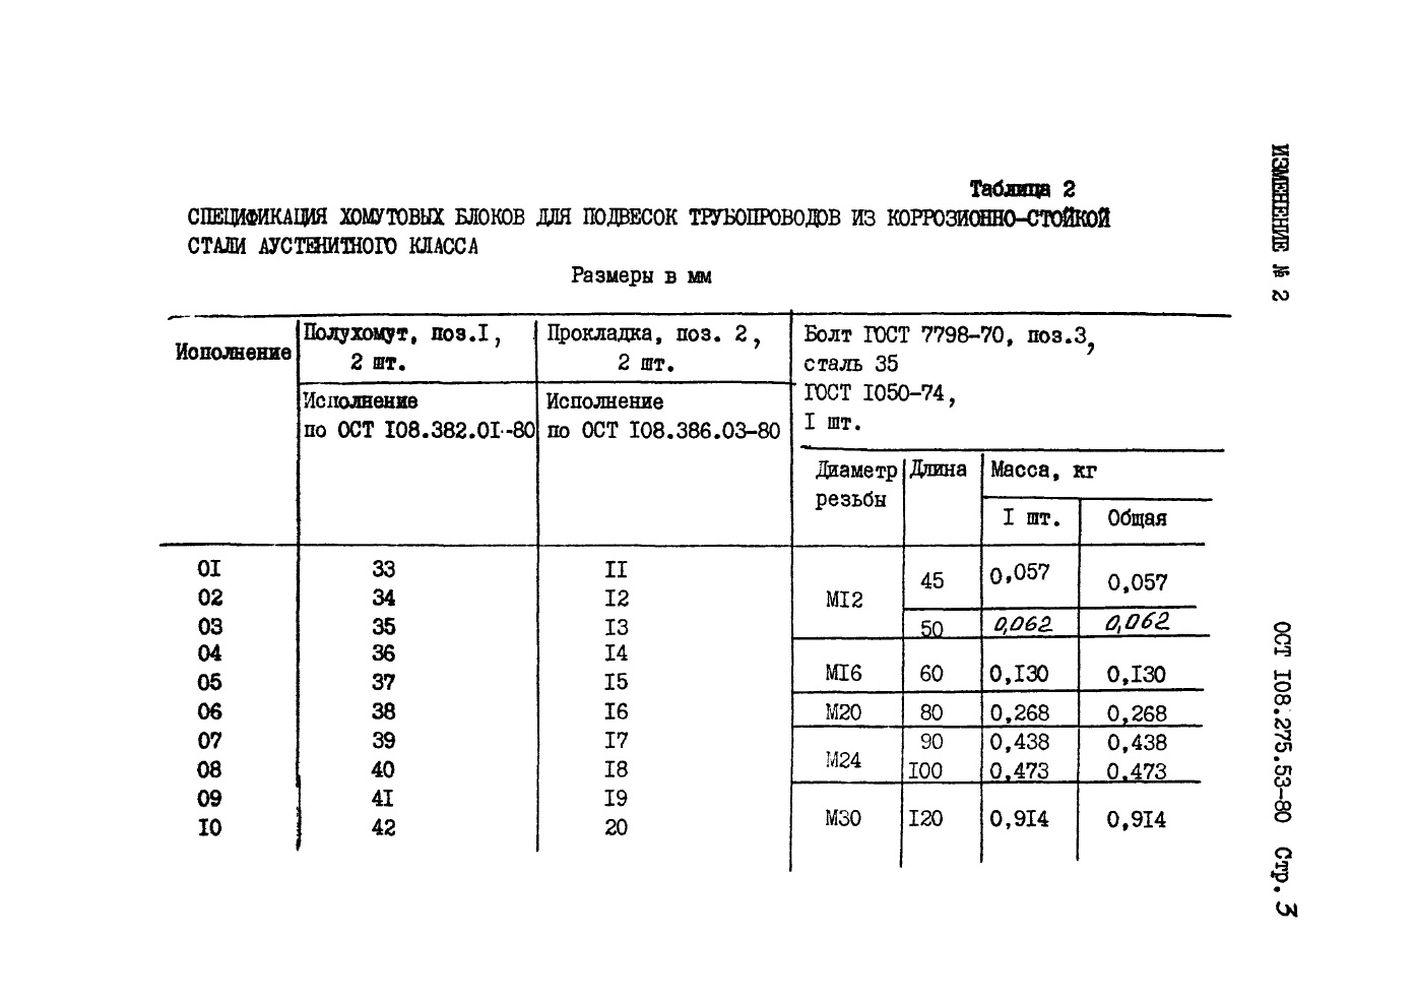 Блоки хомутовые для подвесок горизонтальных трубопроводов ОСТ 108.275.53-80 стр.8